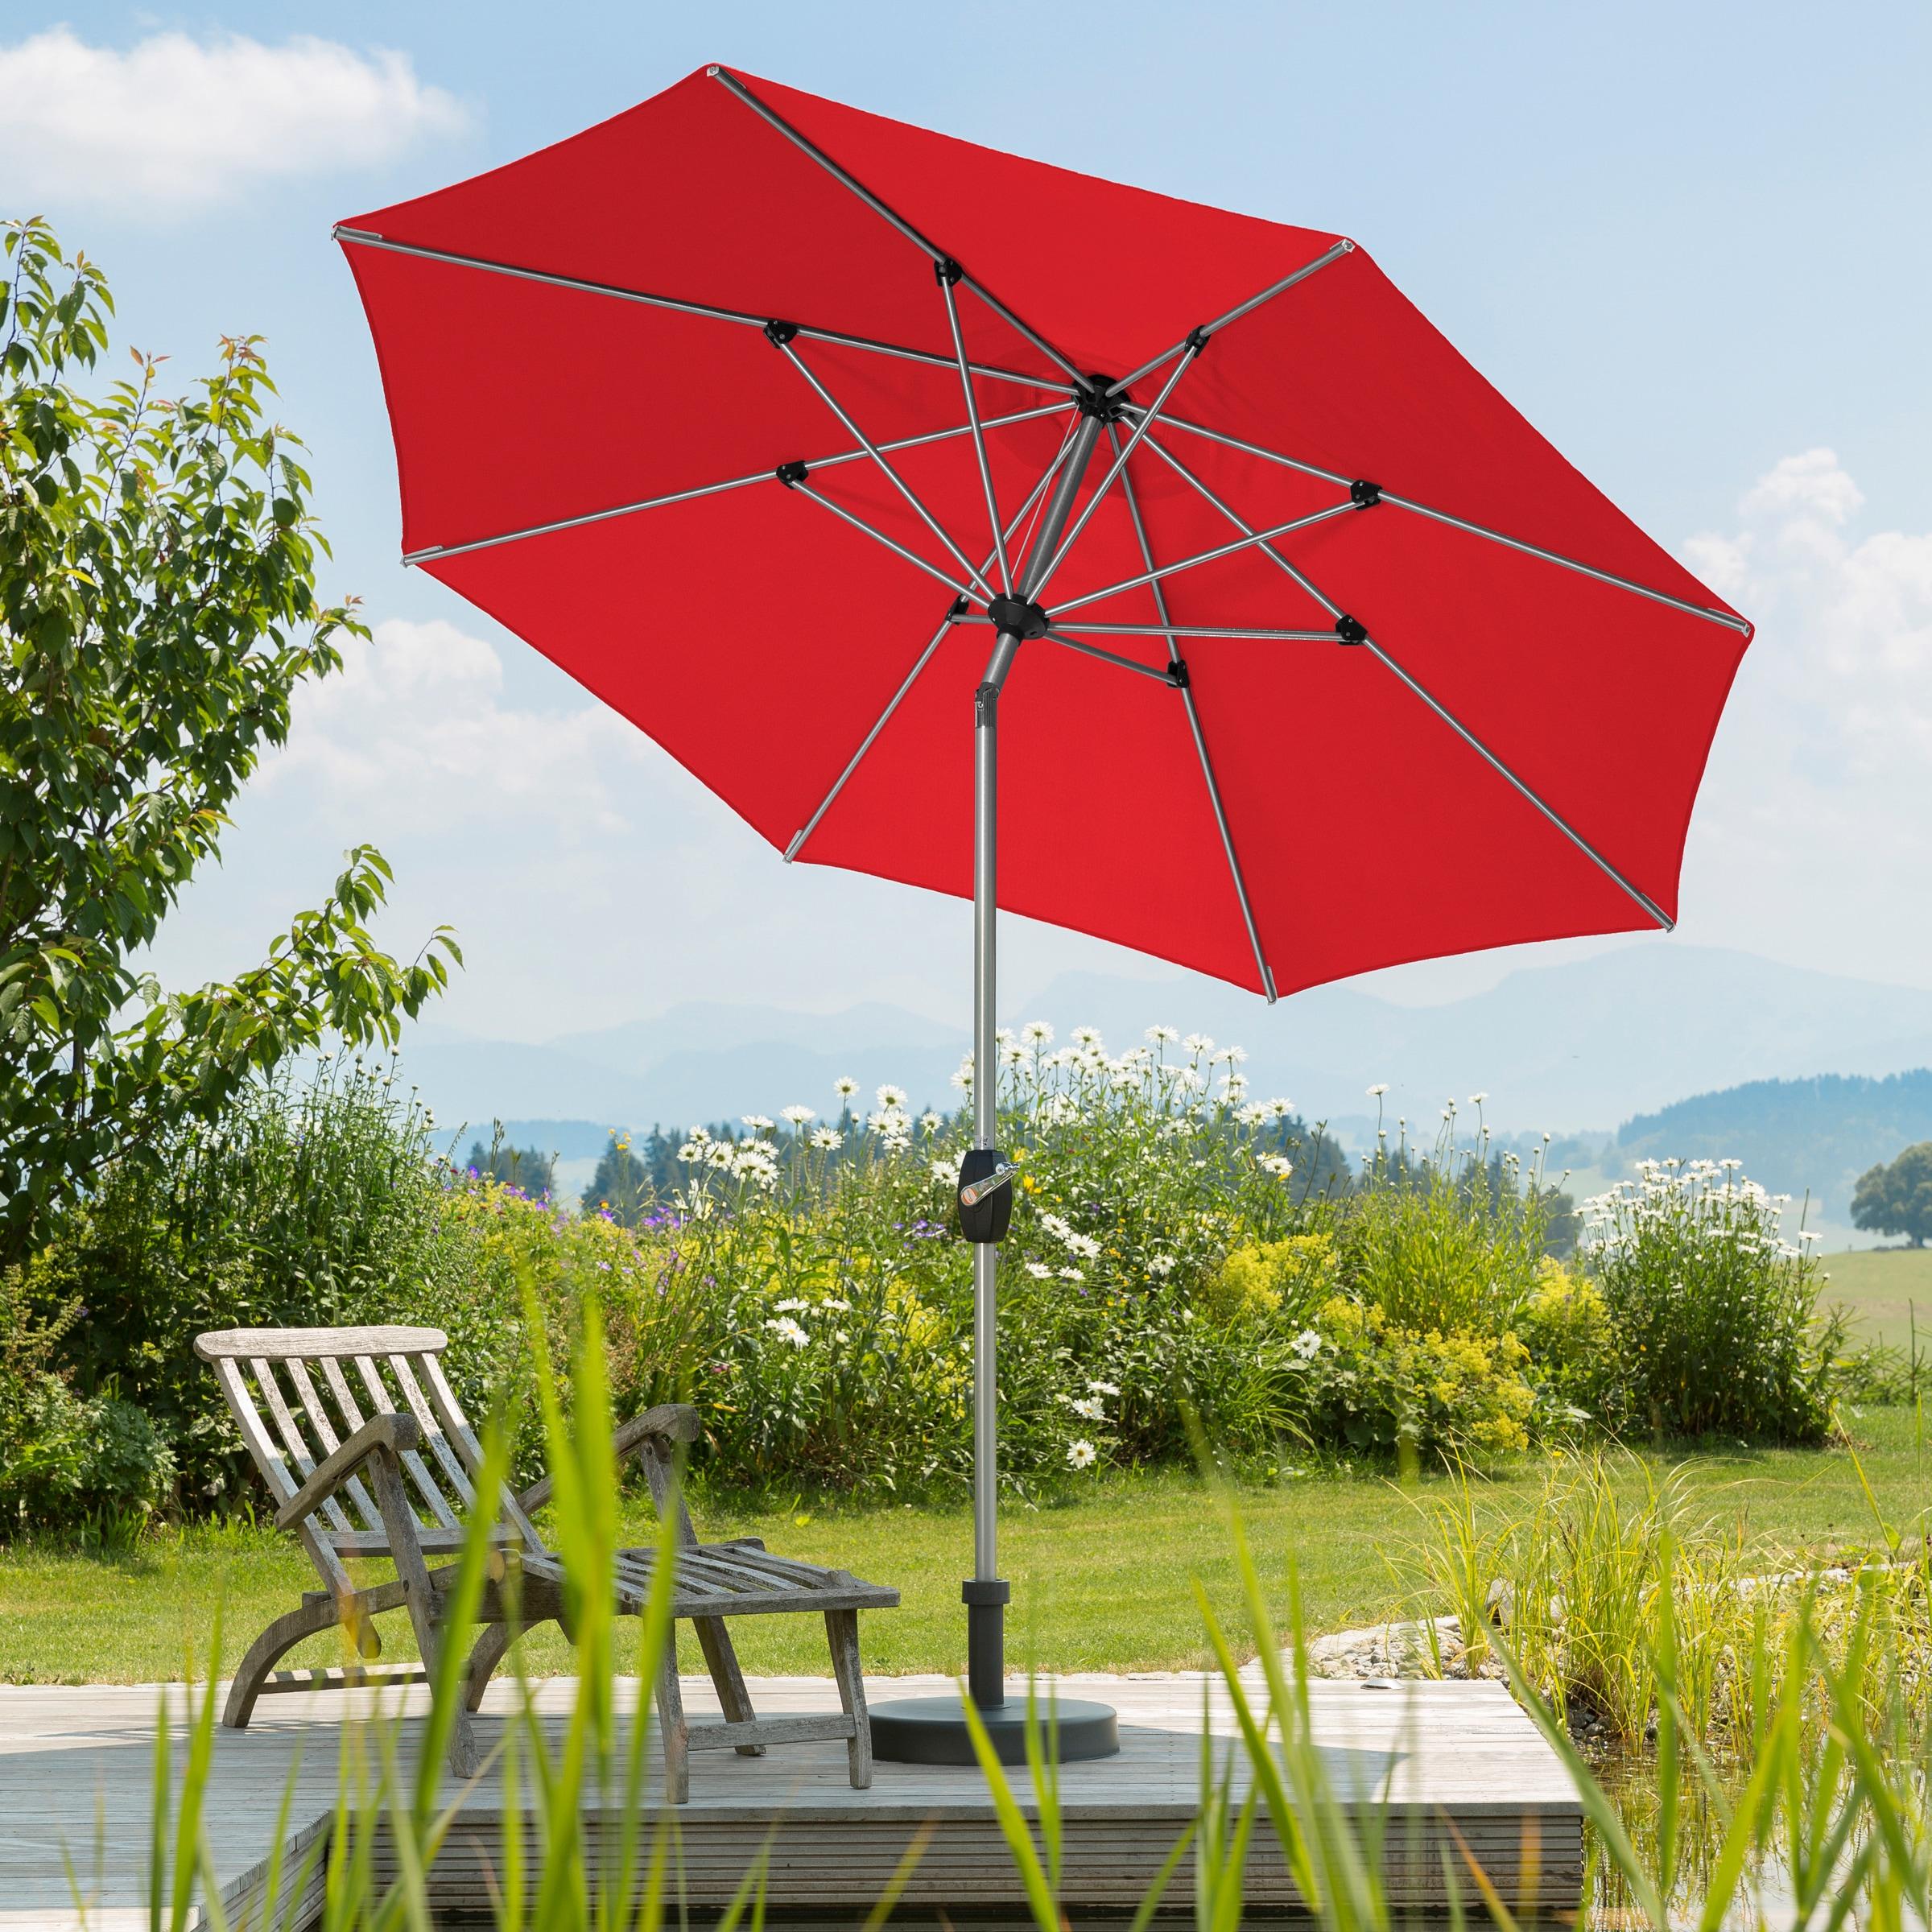 Schneider Schirme Sonnenschirm Venedig, ohne Schirmständer rot Sonnenschirme -segel Garten, Terrasse Balkon